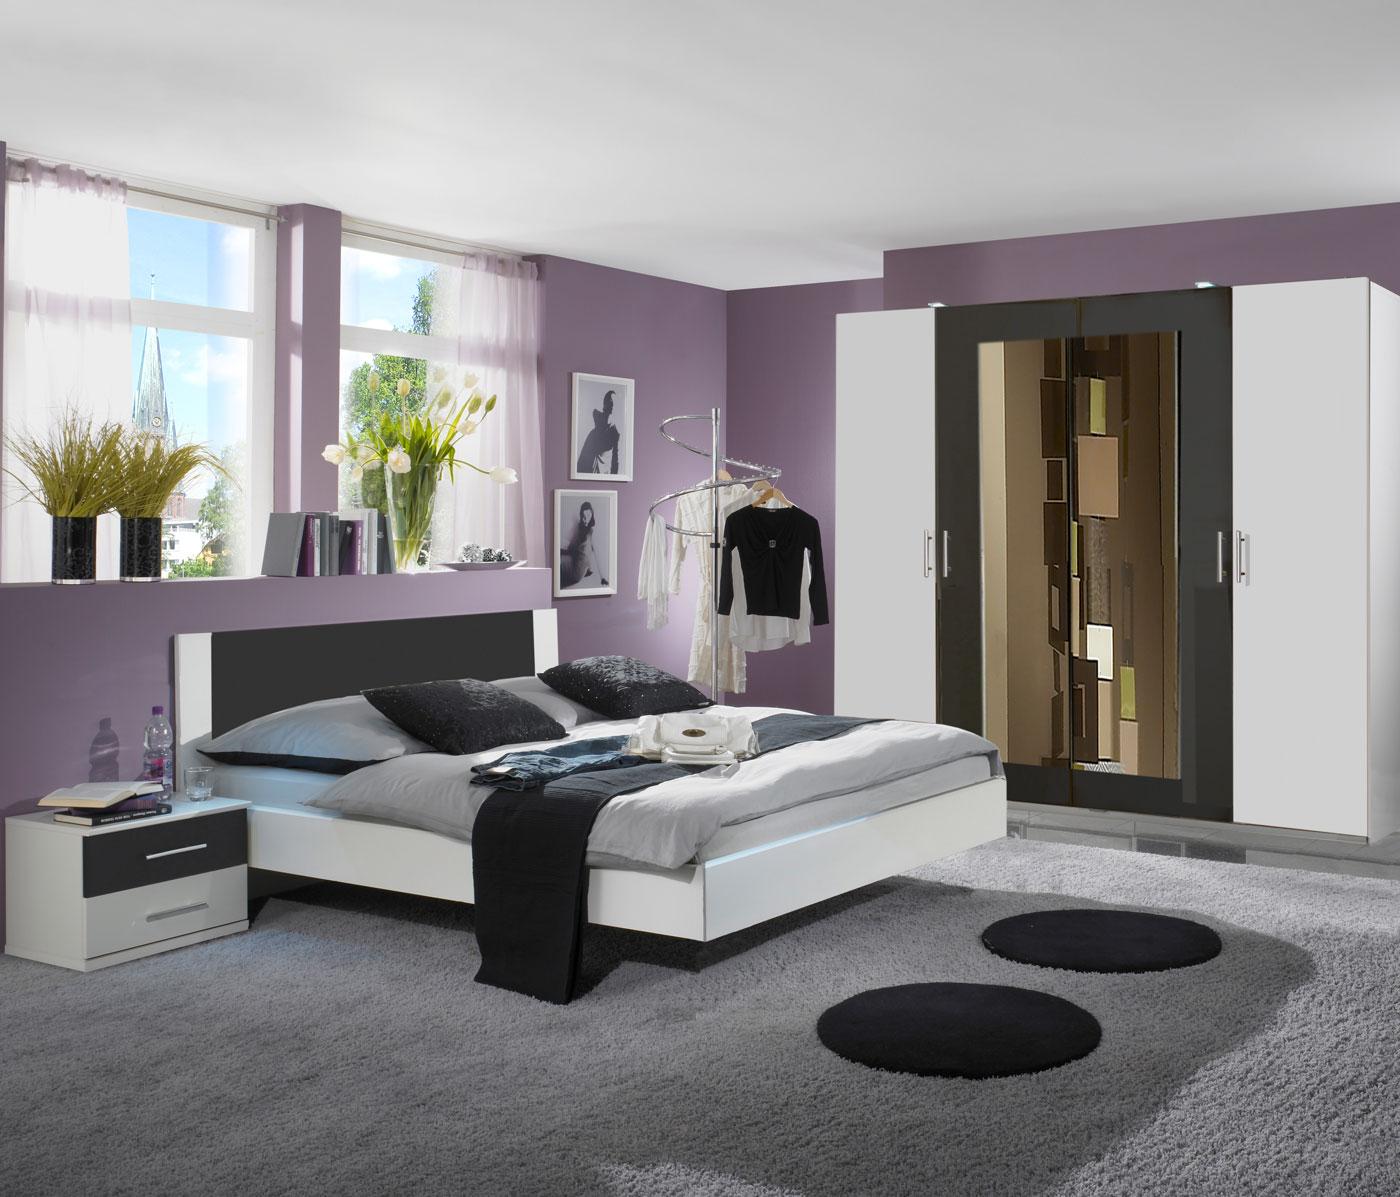 Schlafzimmer komplettset kleiderschrank bett 180x200 for Schlafzimmer komplettset